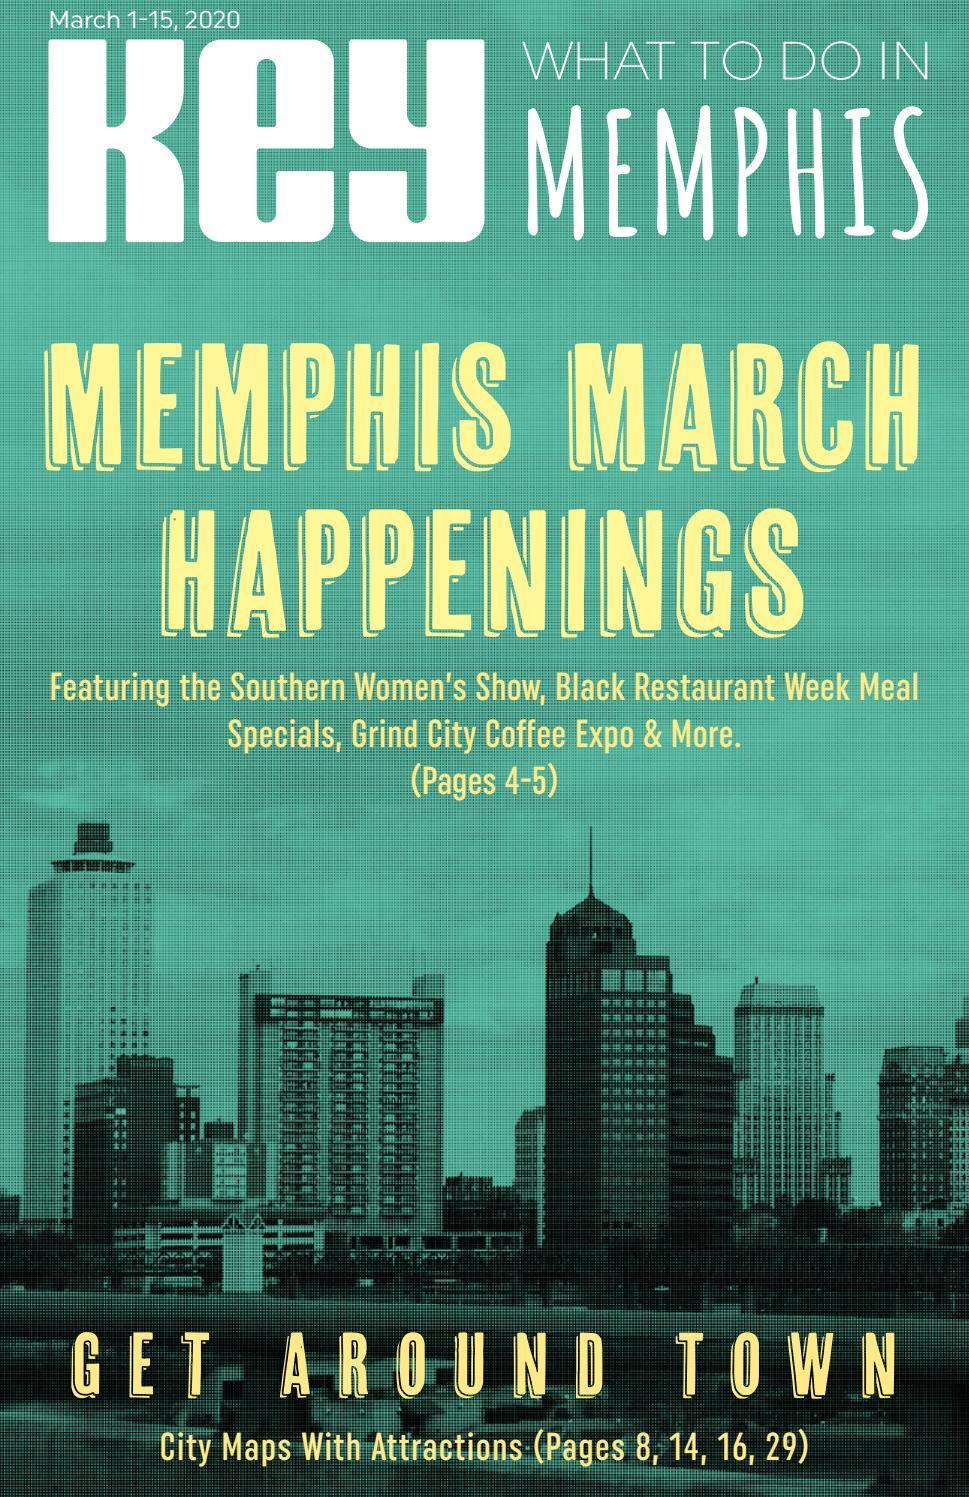 Prelit Christmas Trees 38125 Black Friday 2020 Key Memphis 3 1 20 by Key Memphis   issuu